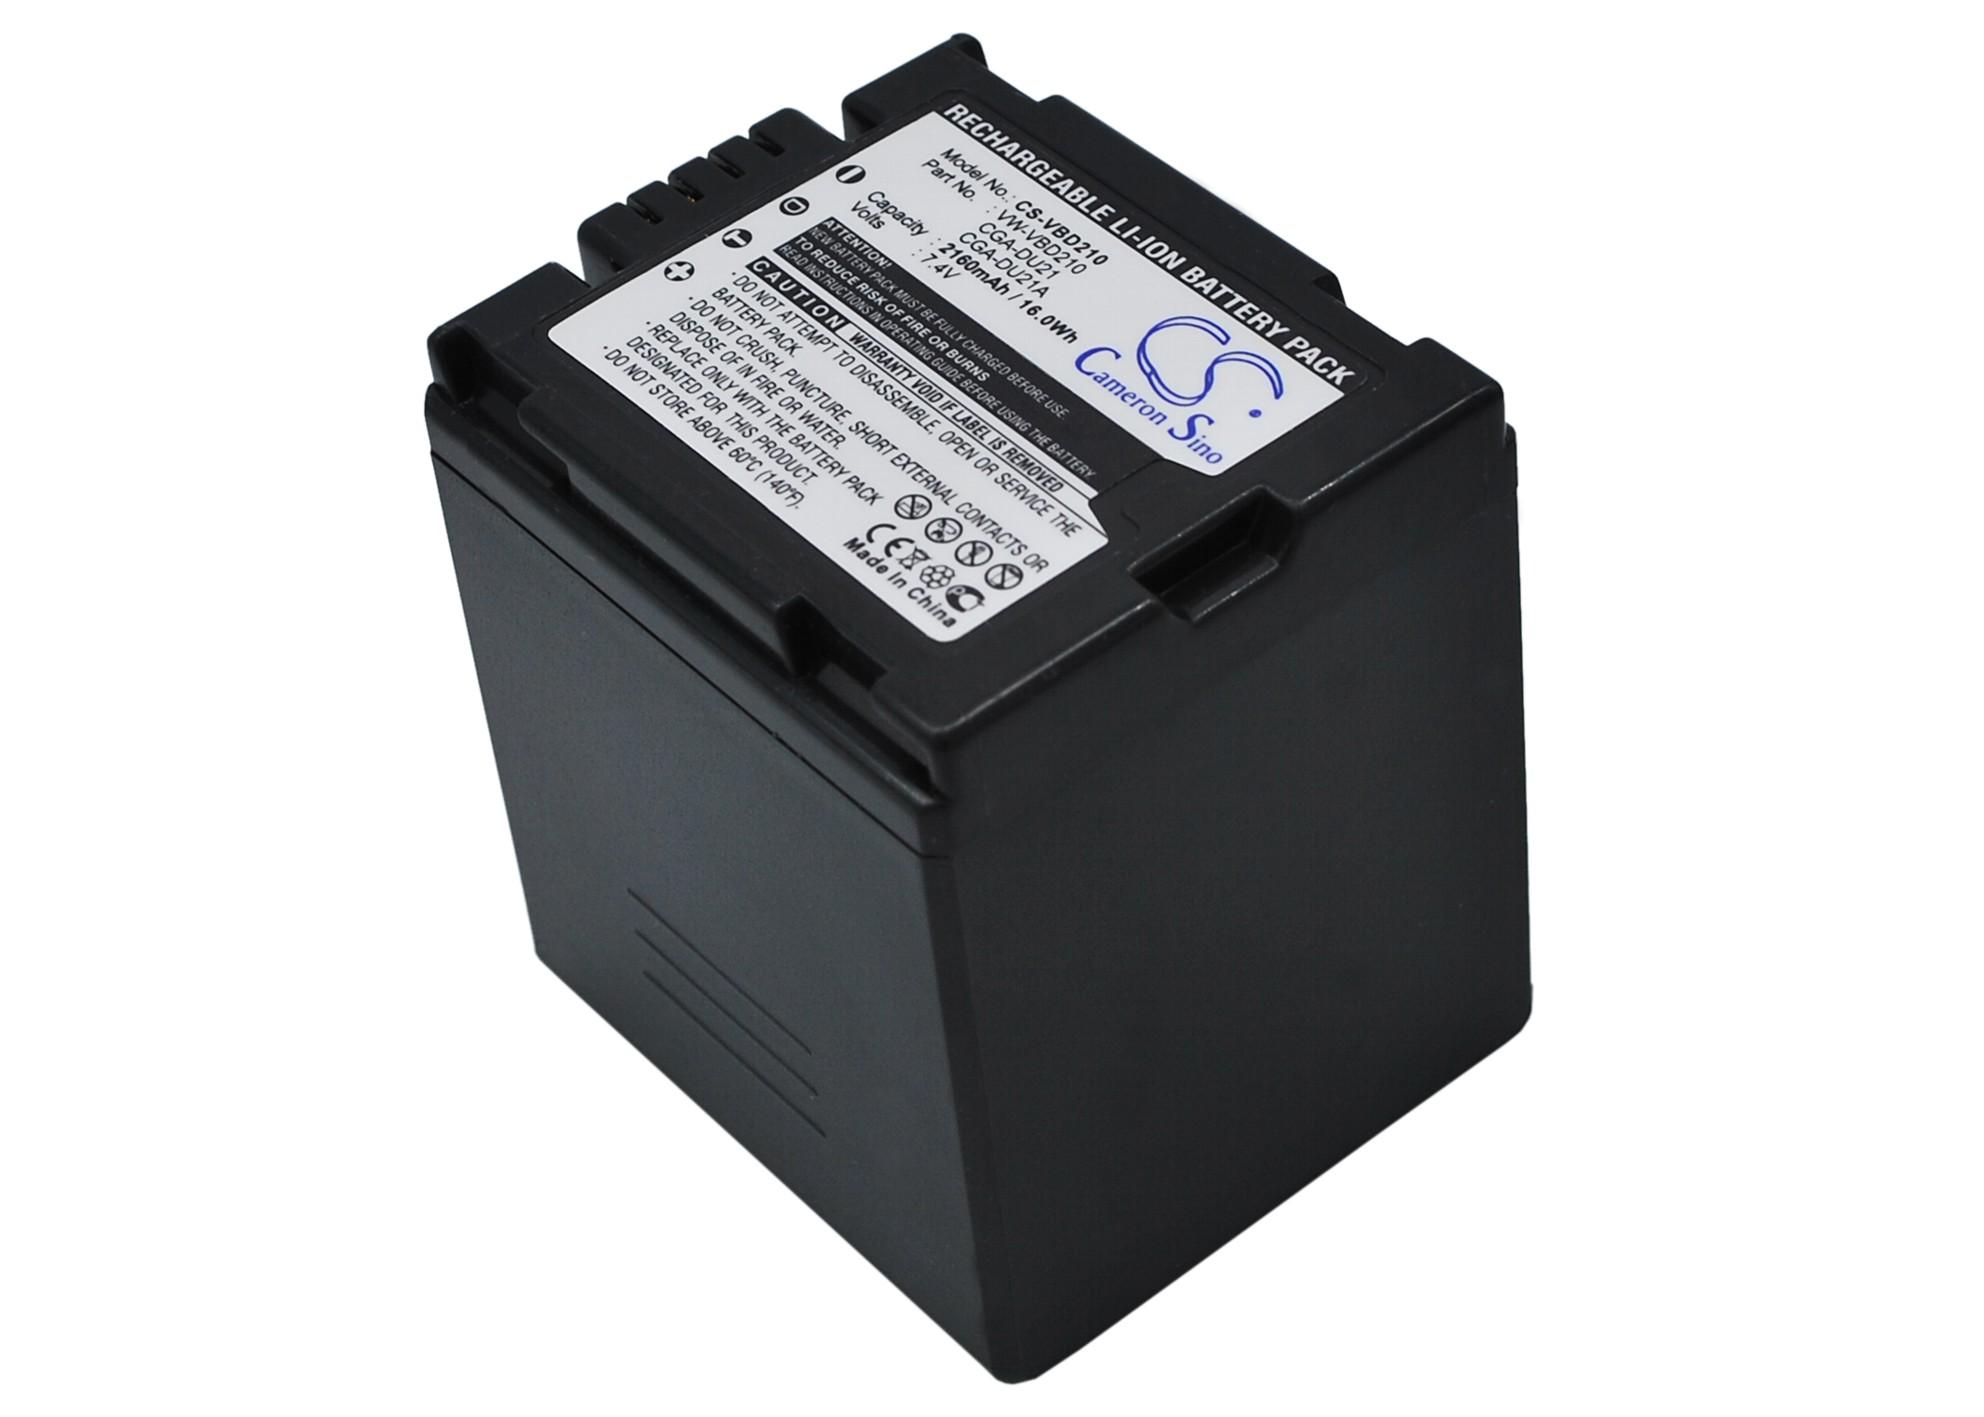 Cameron Sino baterie do kamer a fotoaparátů pro PANASONIC VDR-D250EB-S 7.4V Li-ion 2160mAh tmavě šedá - neoriginální